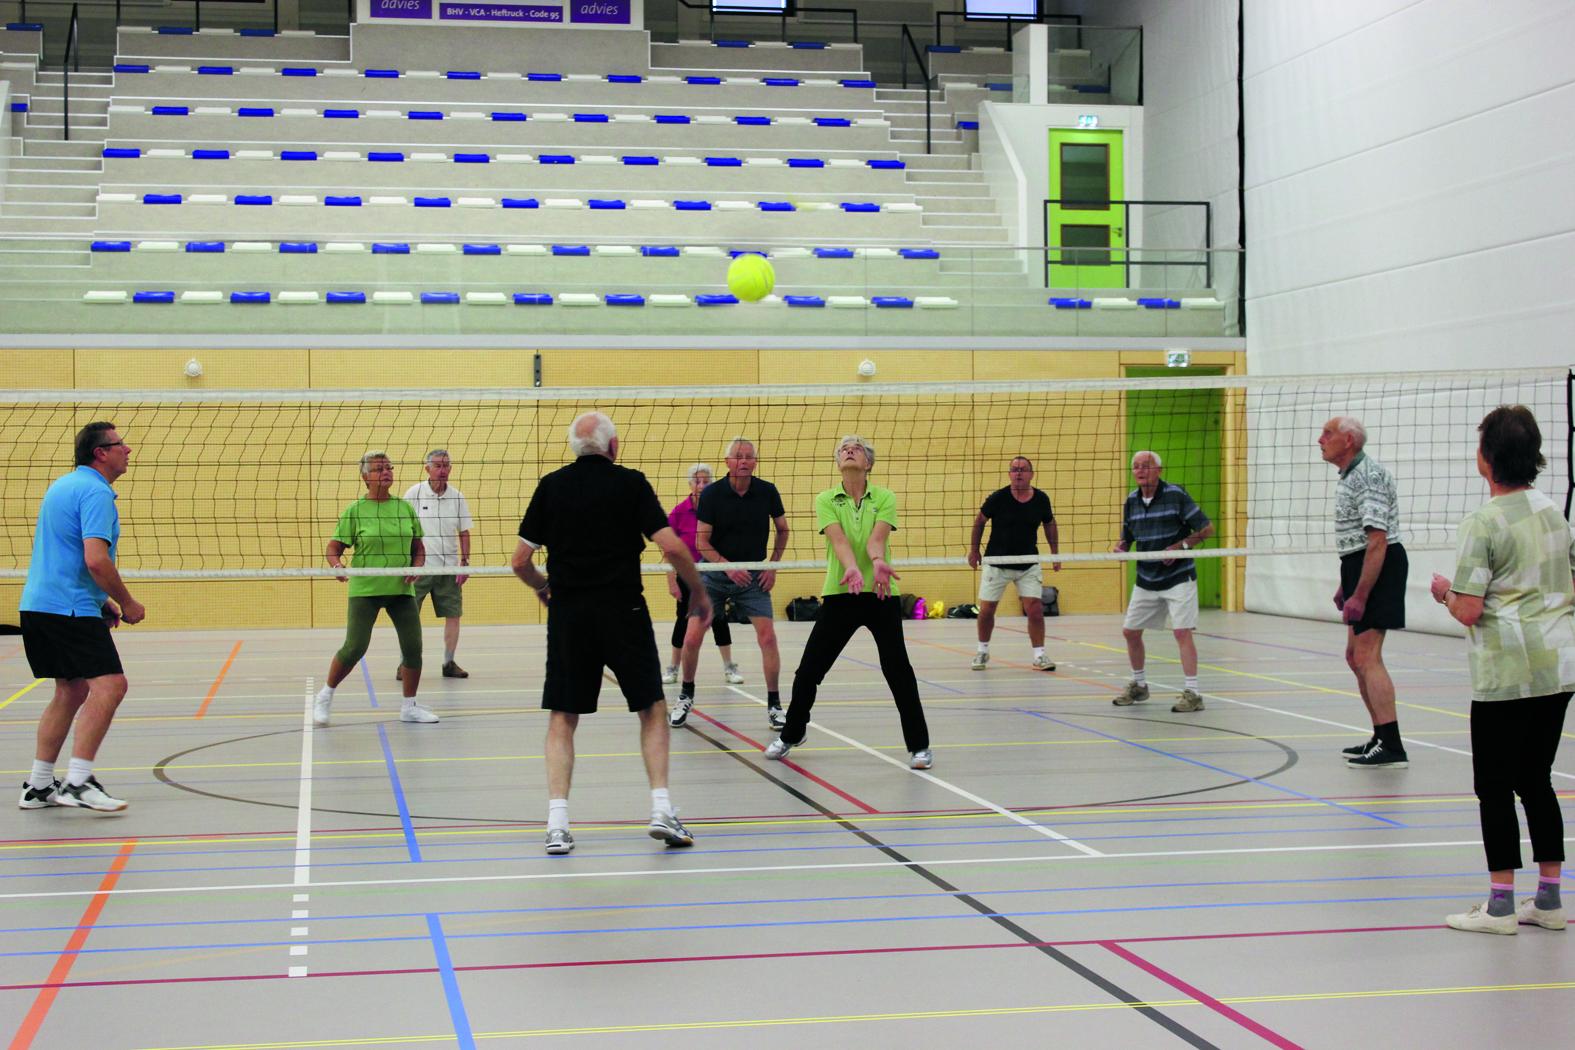 Na alle oefeningen kunnen de deelnemers van Seniorenvereniging Sport 55 kiezen uit diverse sporten. (Foto: aangeleverd)